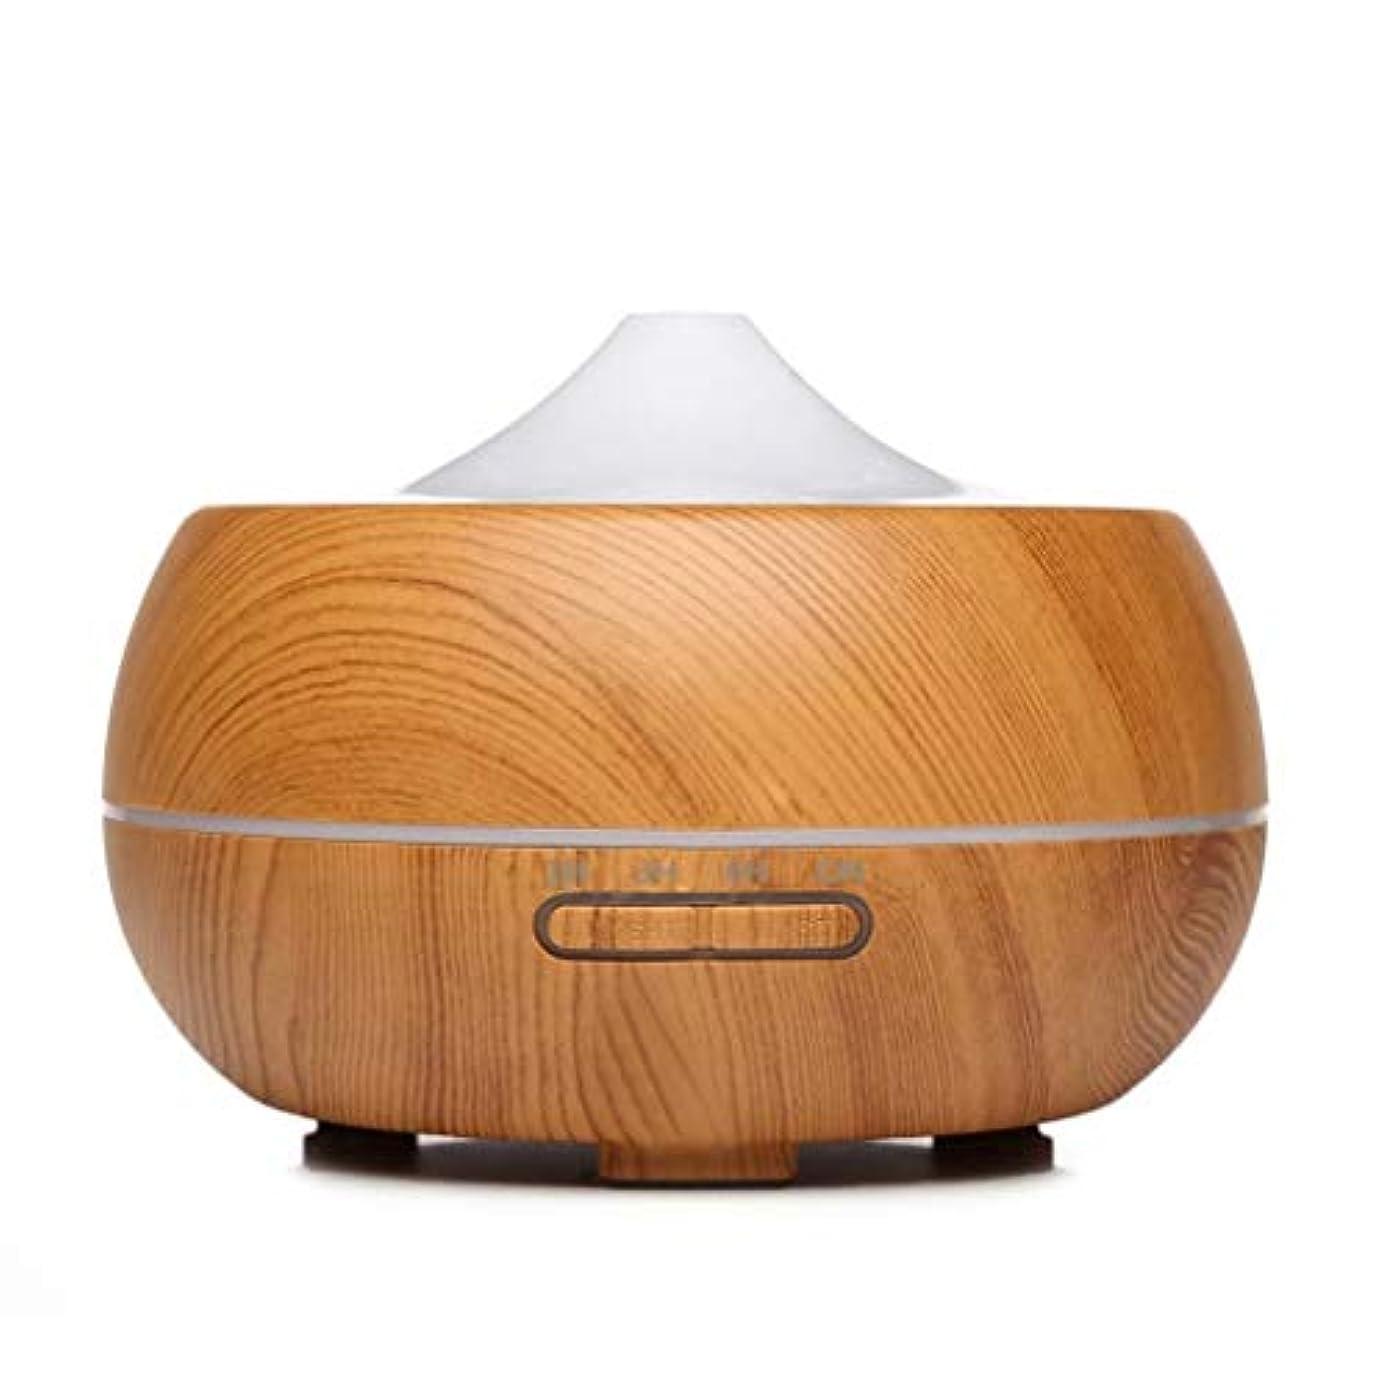 インタフェース旅行代理店サービスオイルディフューザーエッセンシャルオイル300ミリリットルエッセンシャルオイルディフューザー電動クールミスト加湿器空気清浄機ウォーターレスオートオフ空気清浄機 (Color : Light Wood Grain)